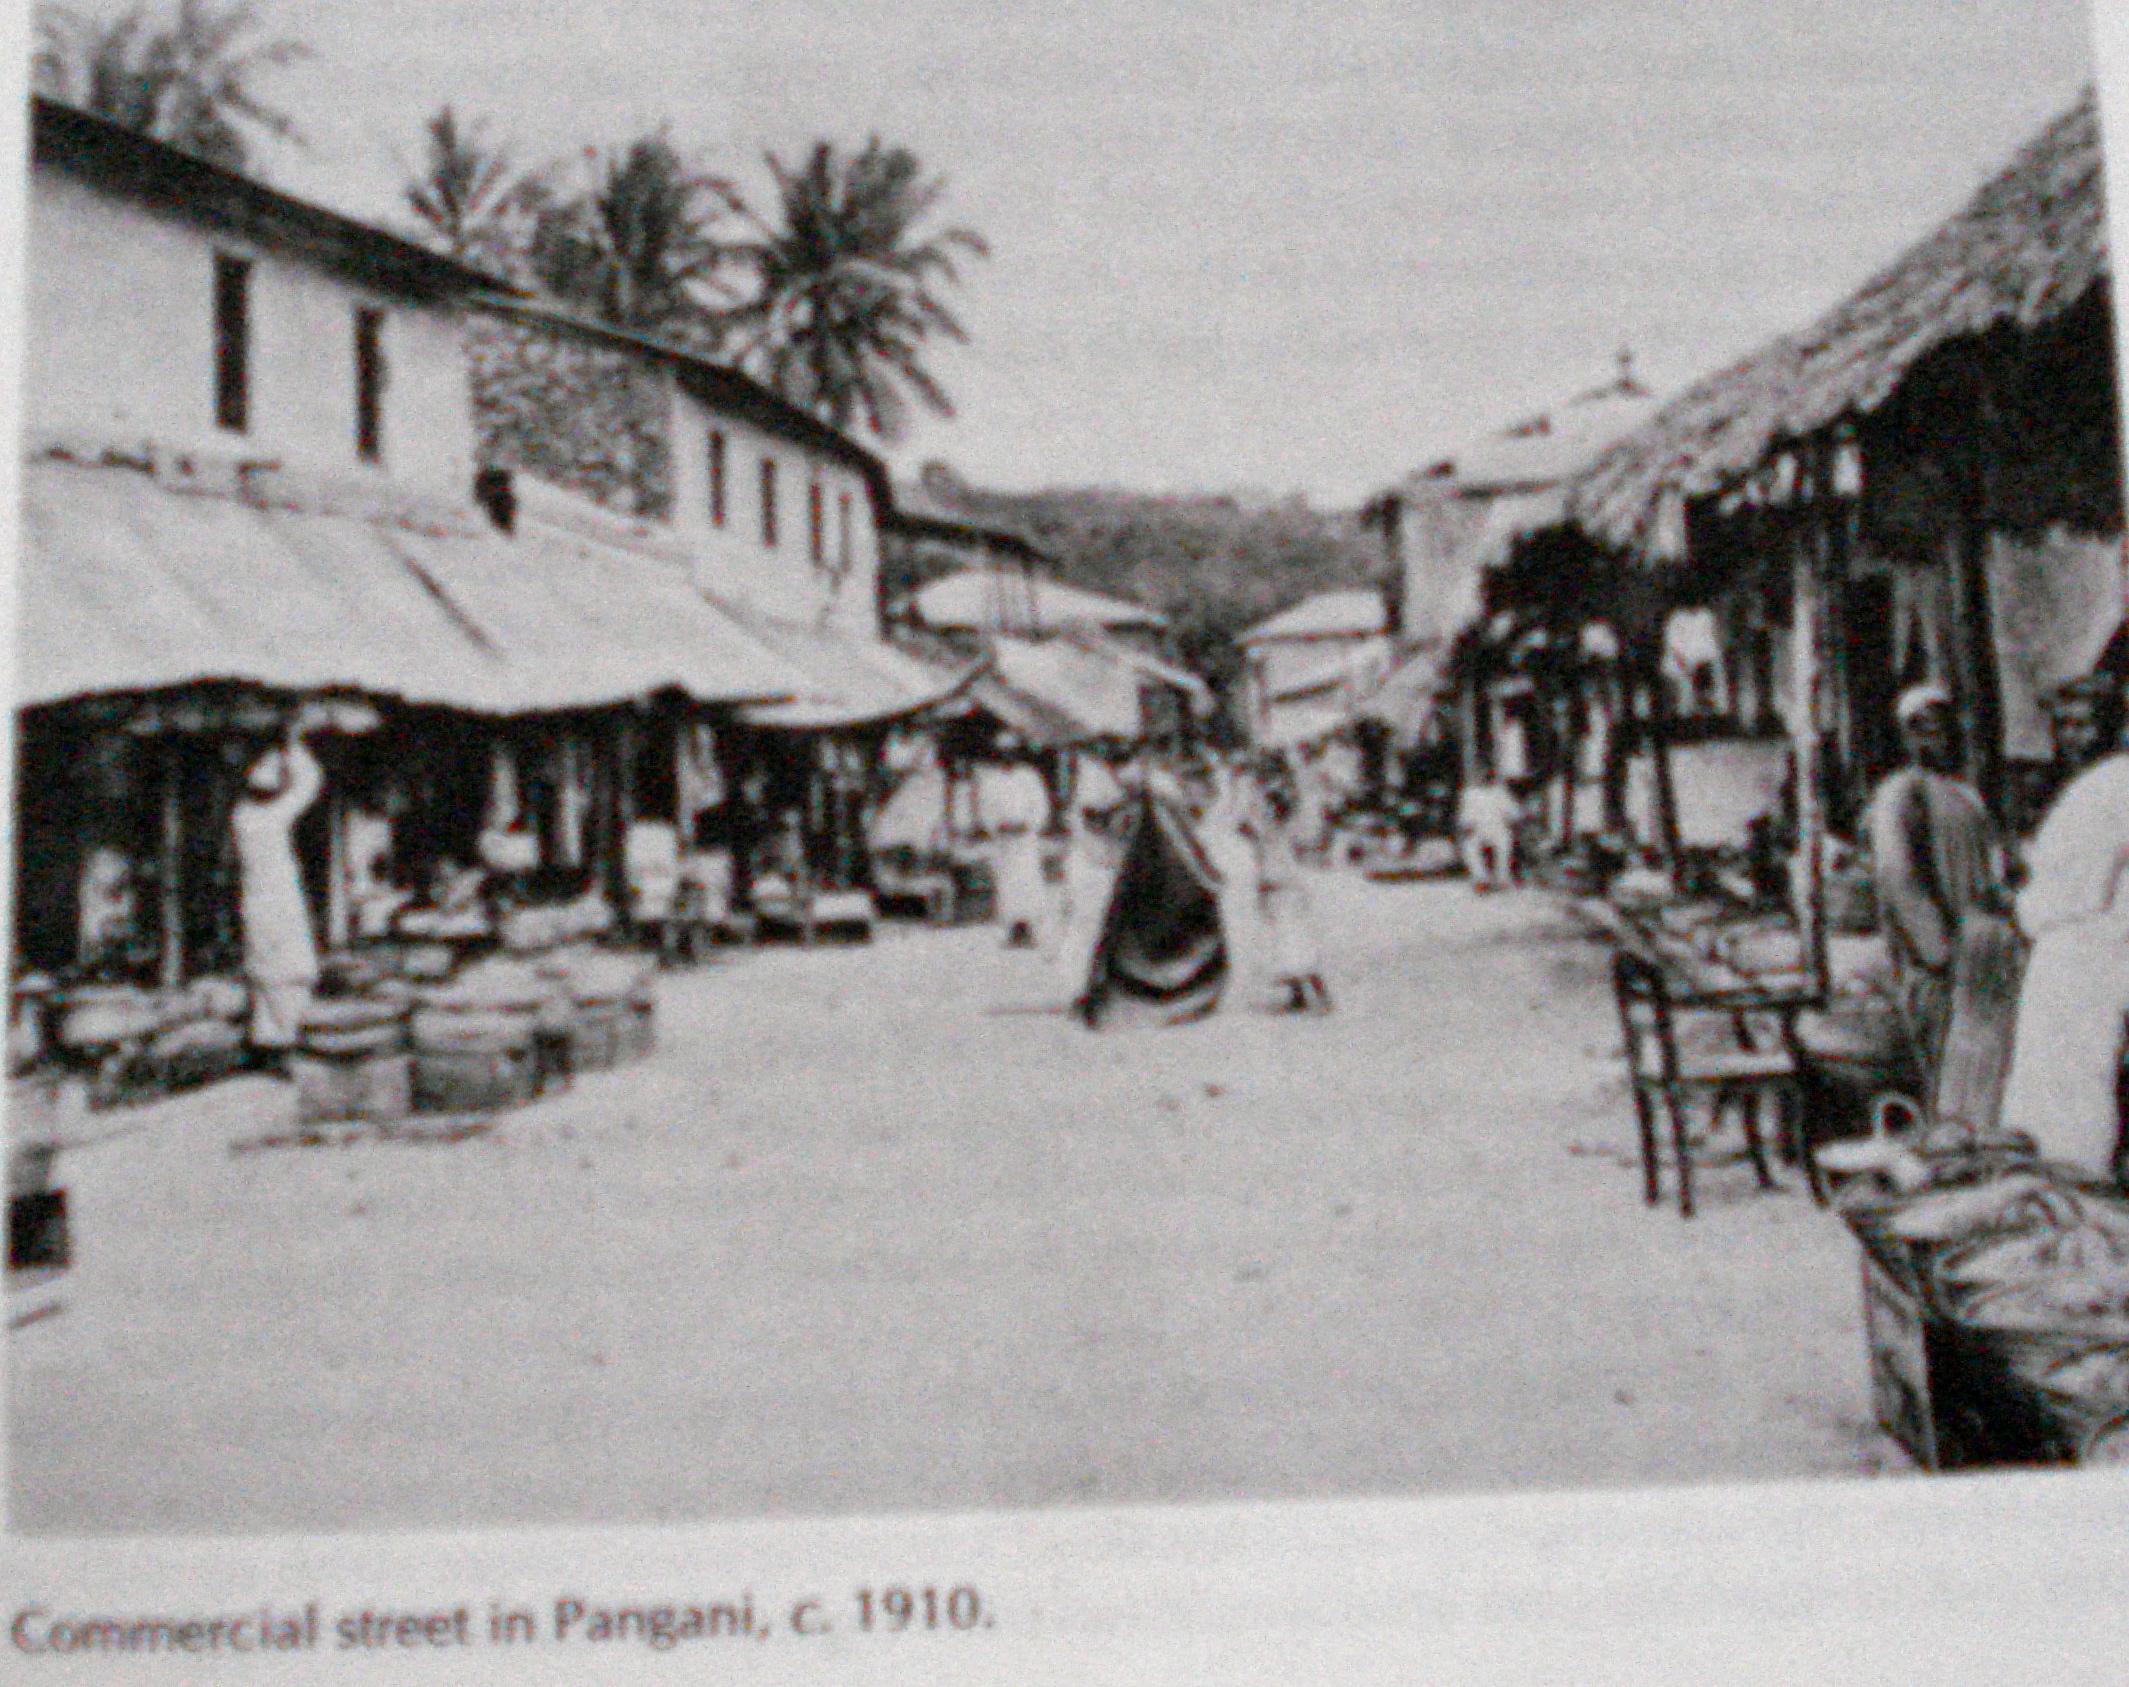 Geschäftsstraße in Pangani, ca. 1910